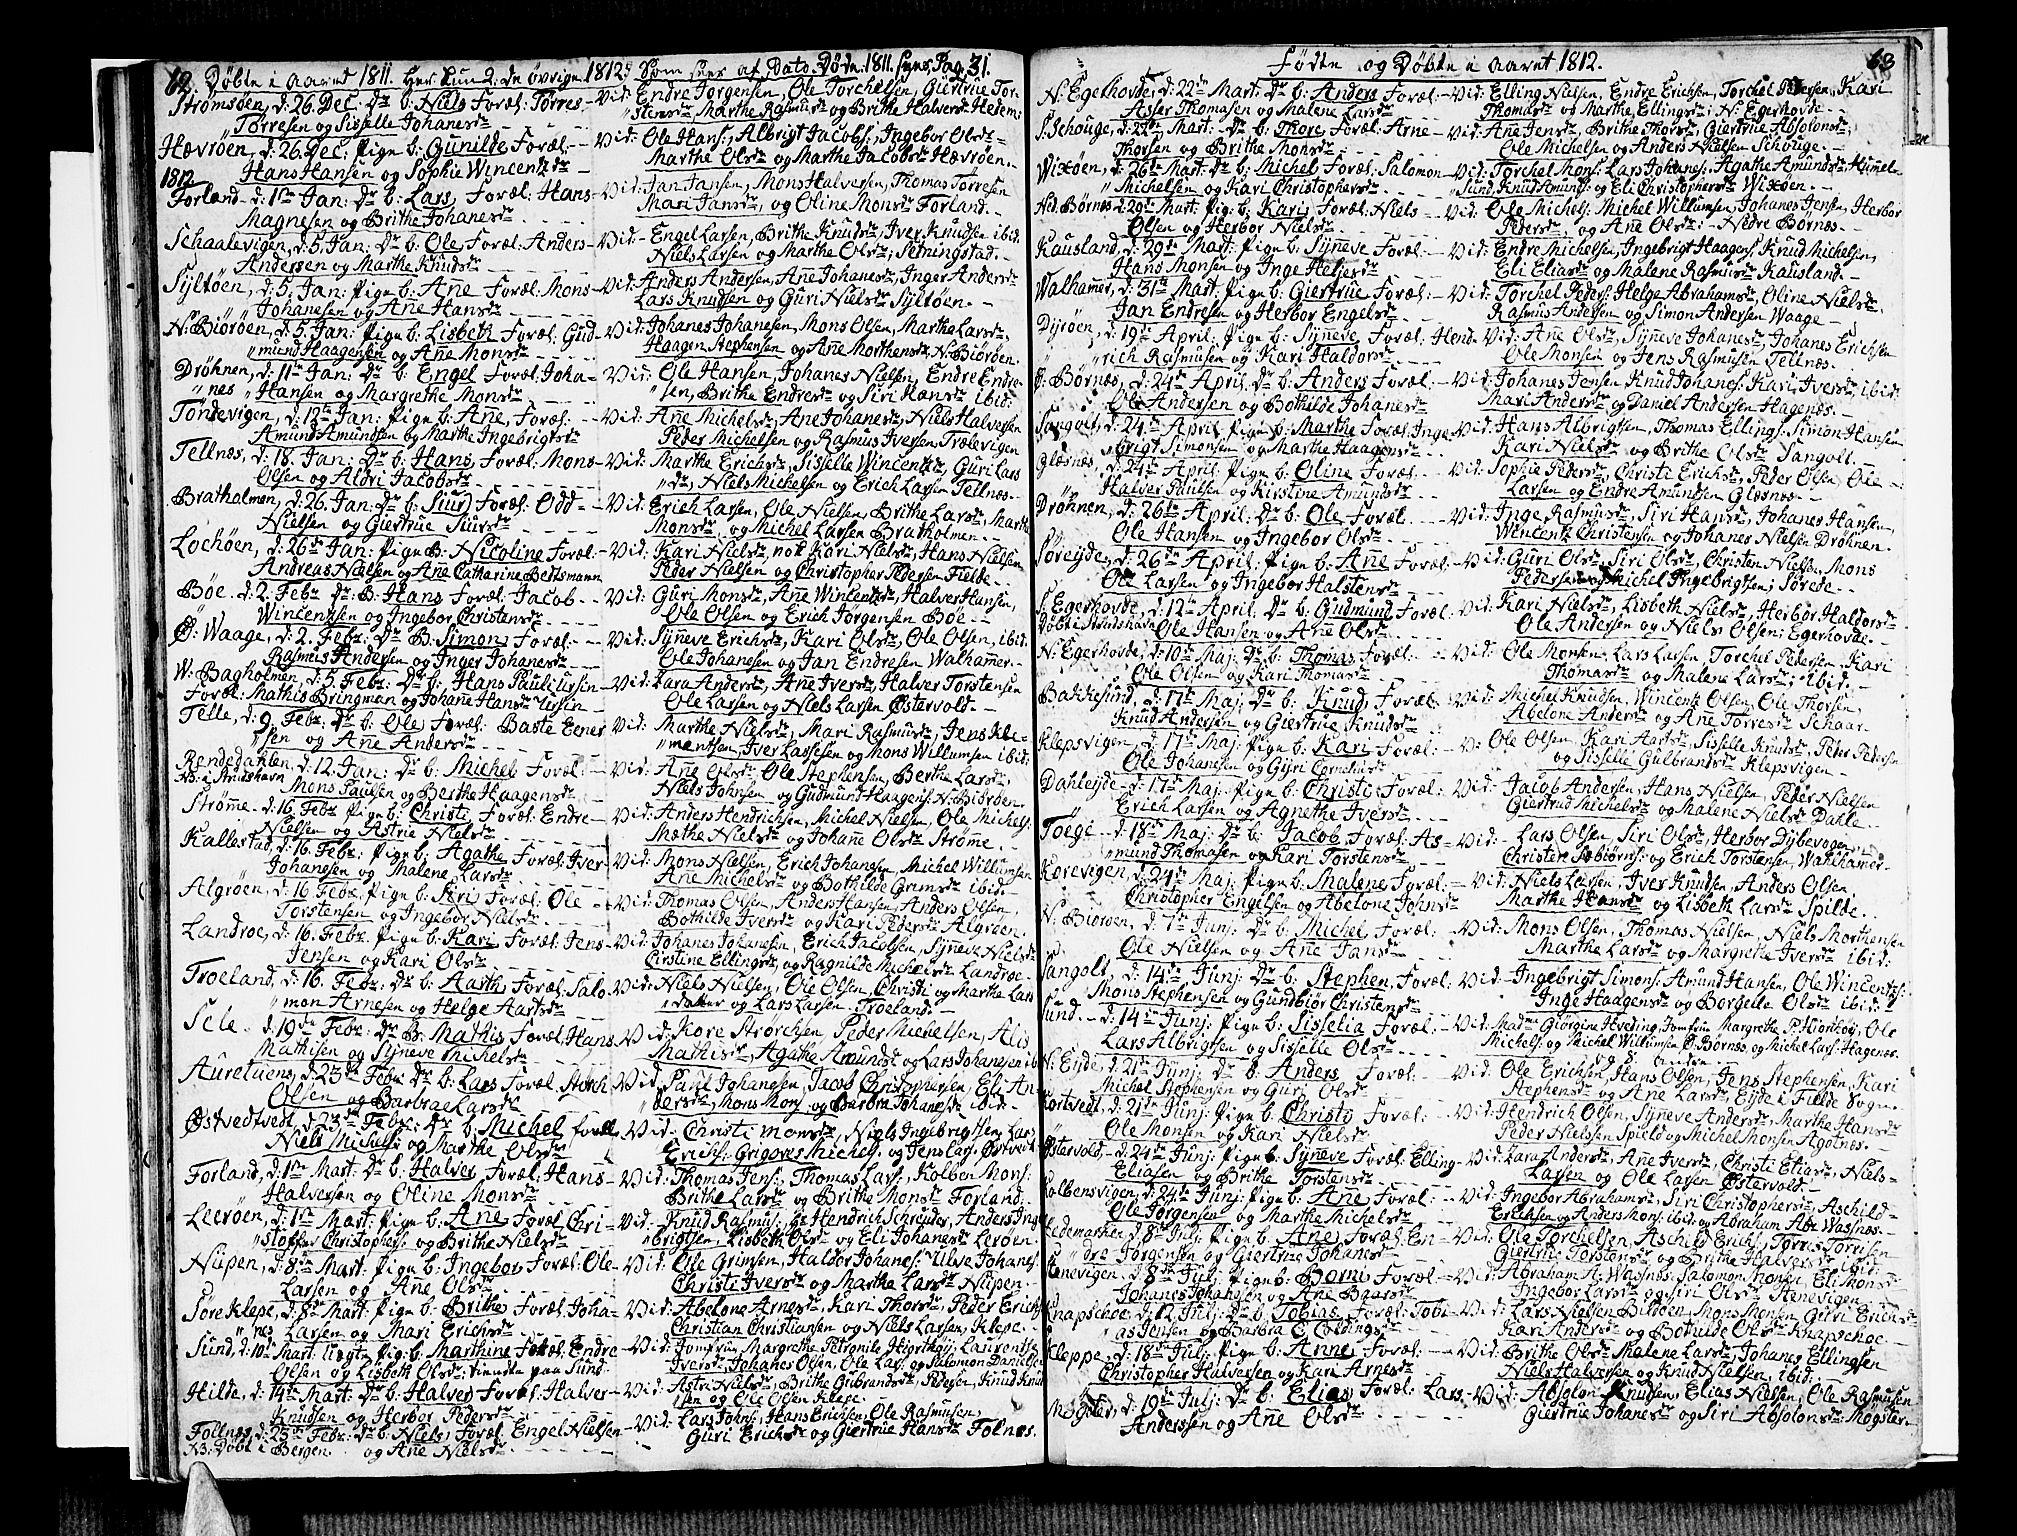 SAB, Sund sokneprestembete, Ministerialbok nr. A 10, 1804-1818, s. 62-63